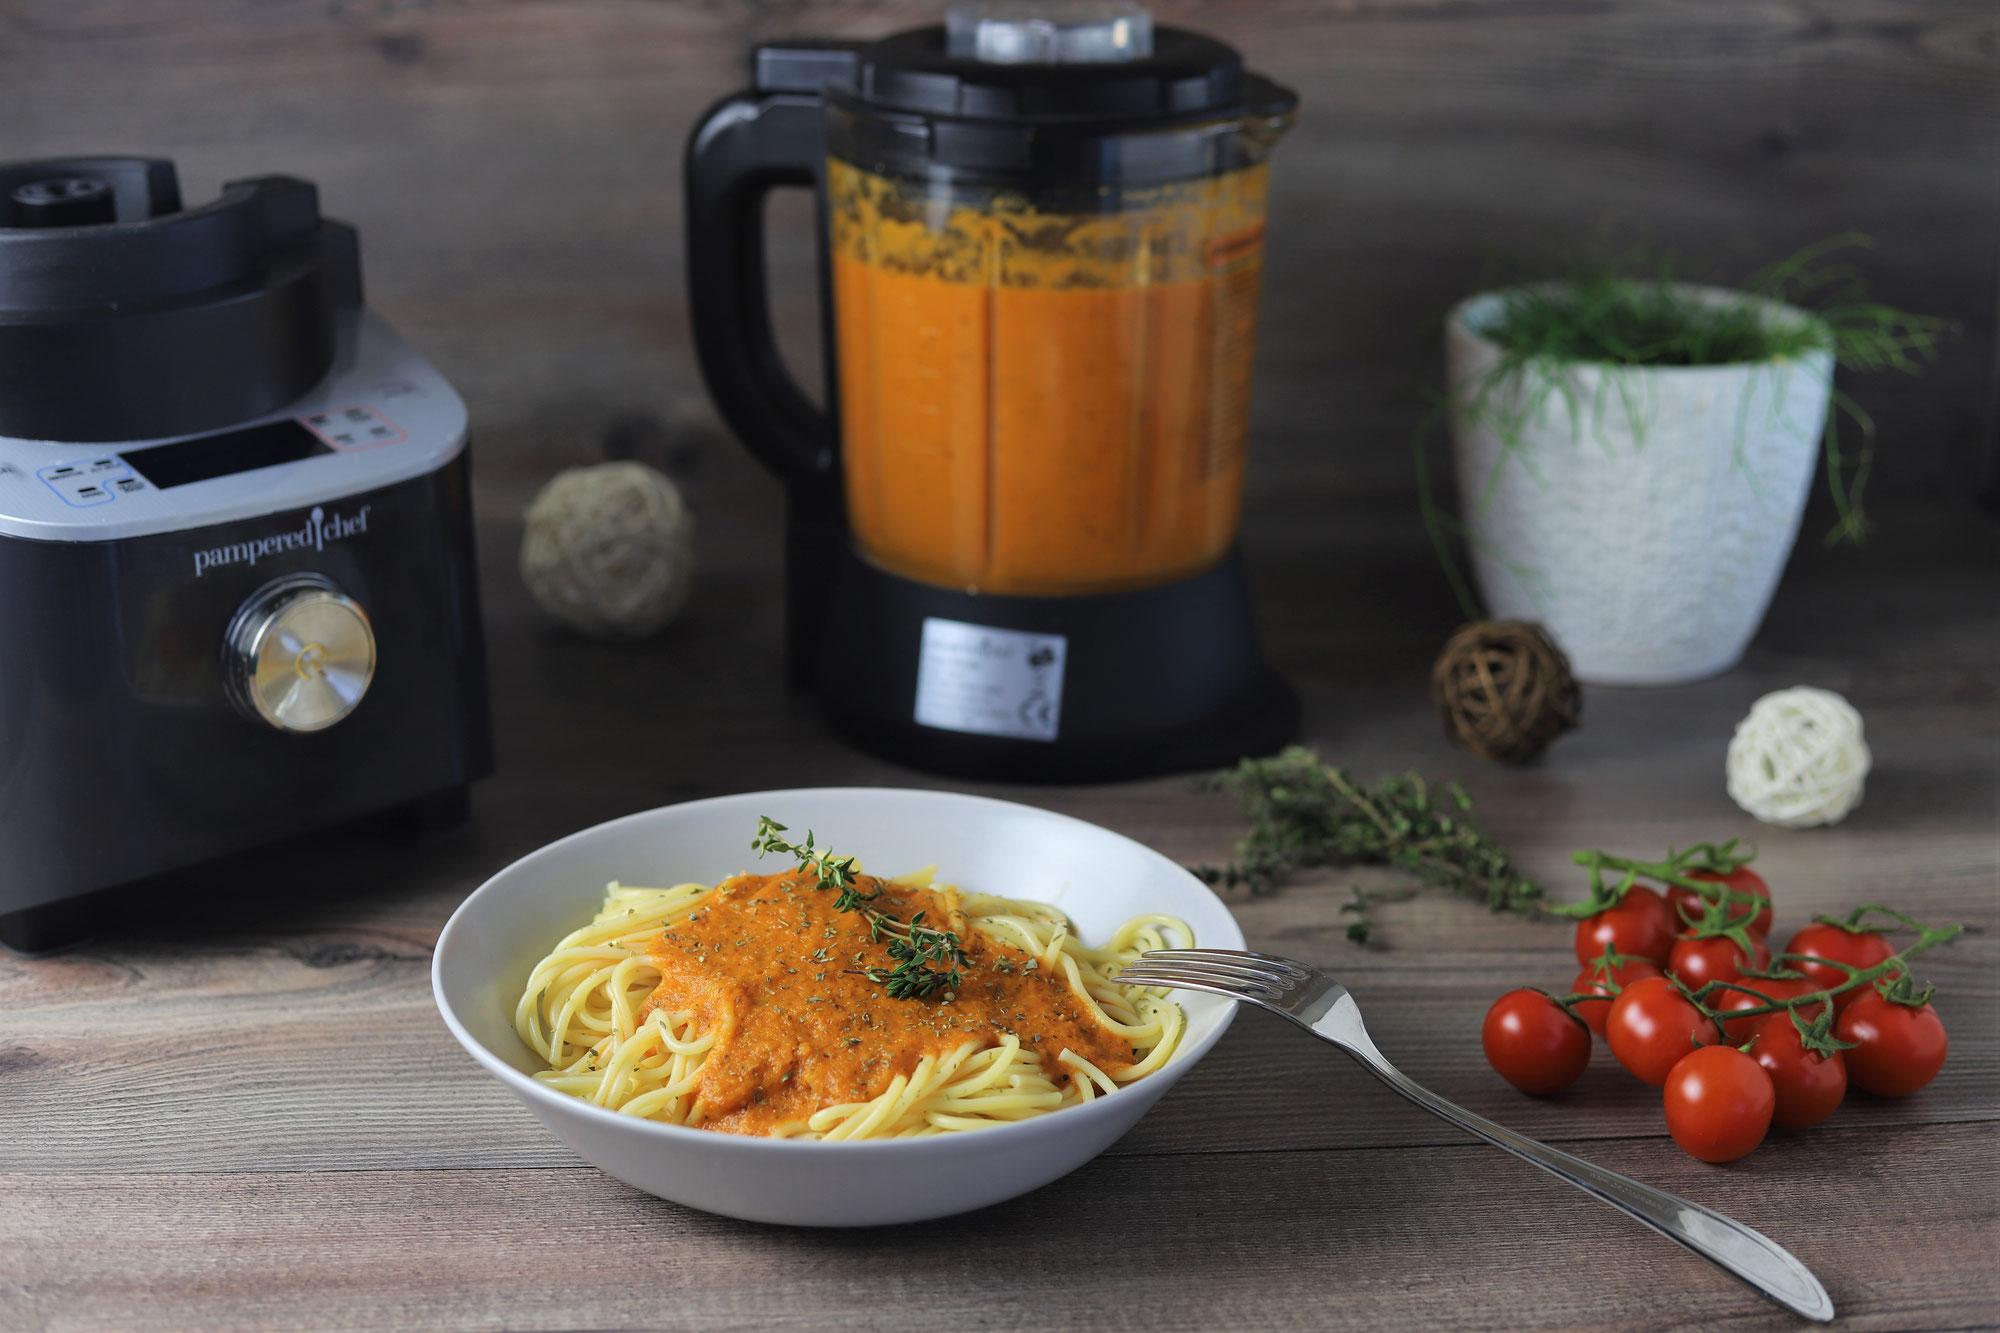 Tomatensoße aus gerösteten Tomaten im Deluxe Blender von Pampered Chef®